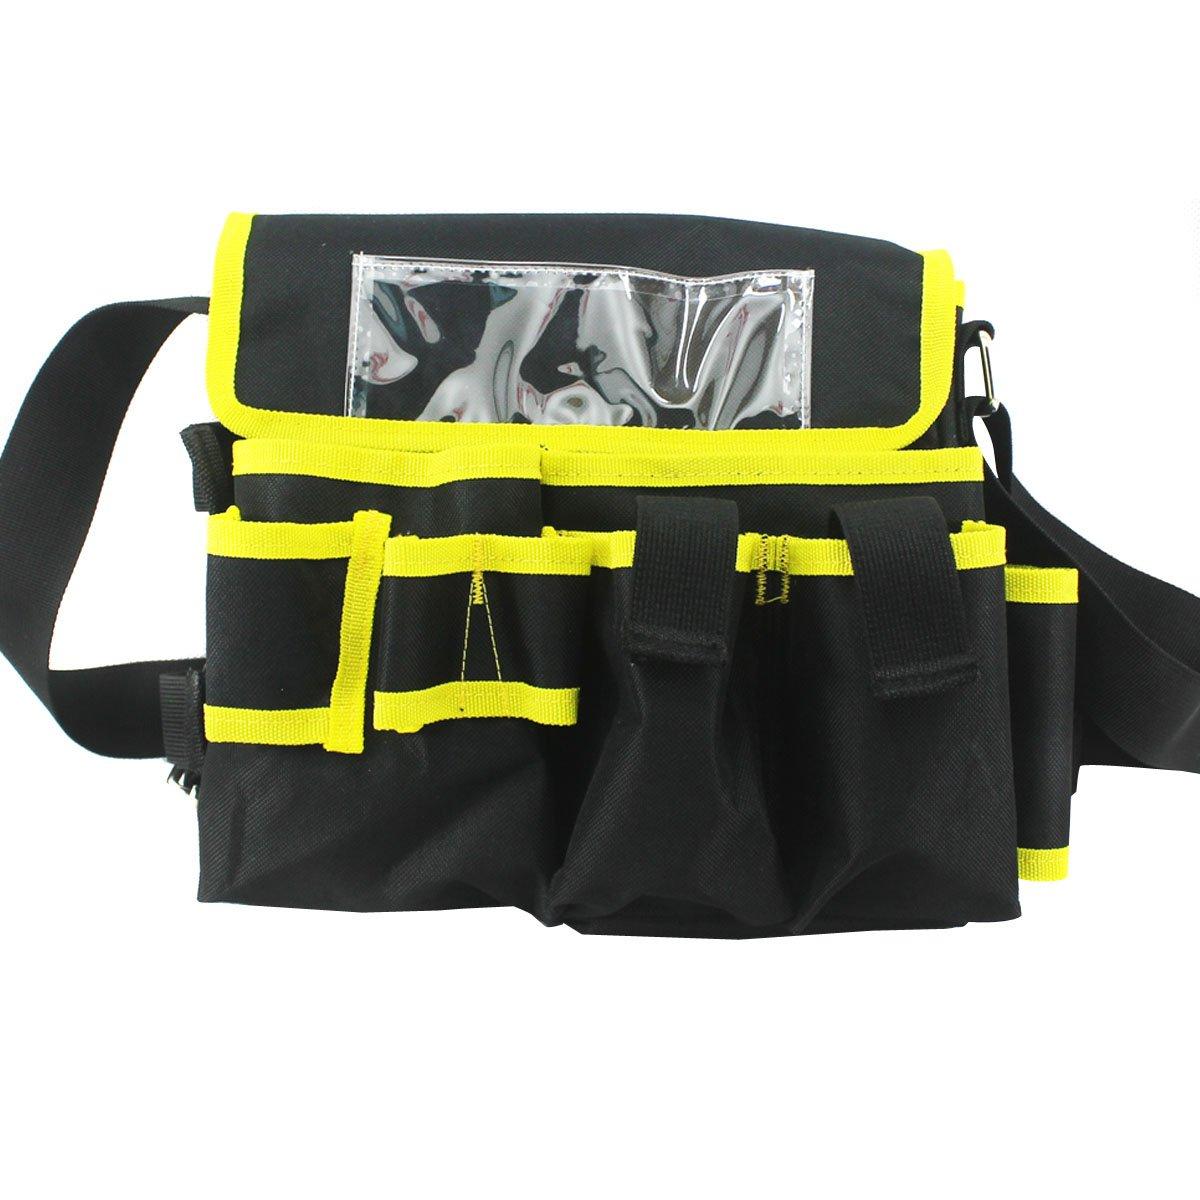 665多機能容量ポケットツールポケットバッグショルダーバッグ電気修理ハードウェア収納袋